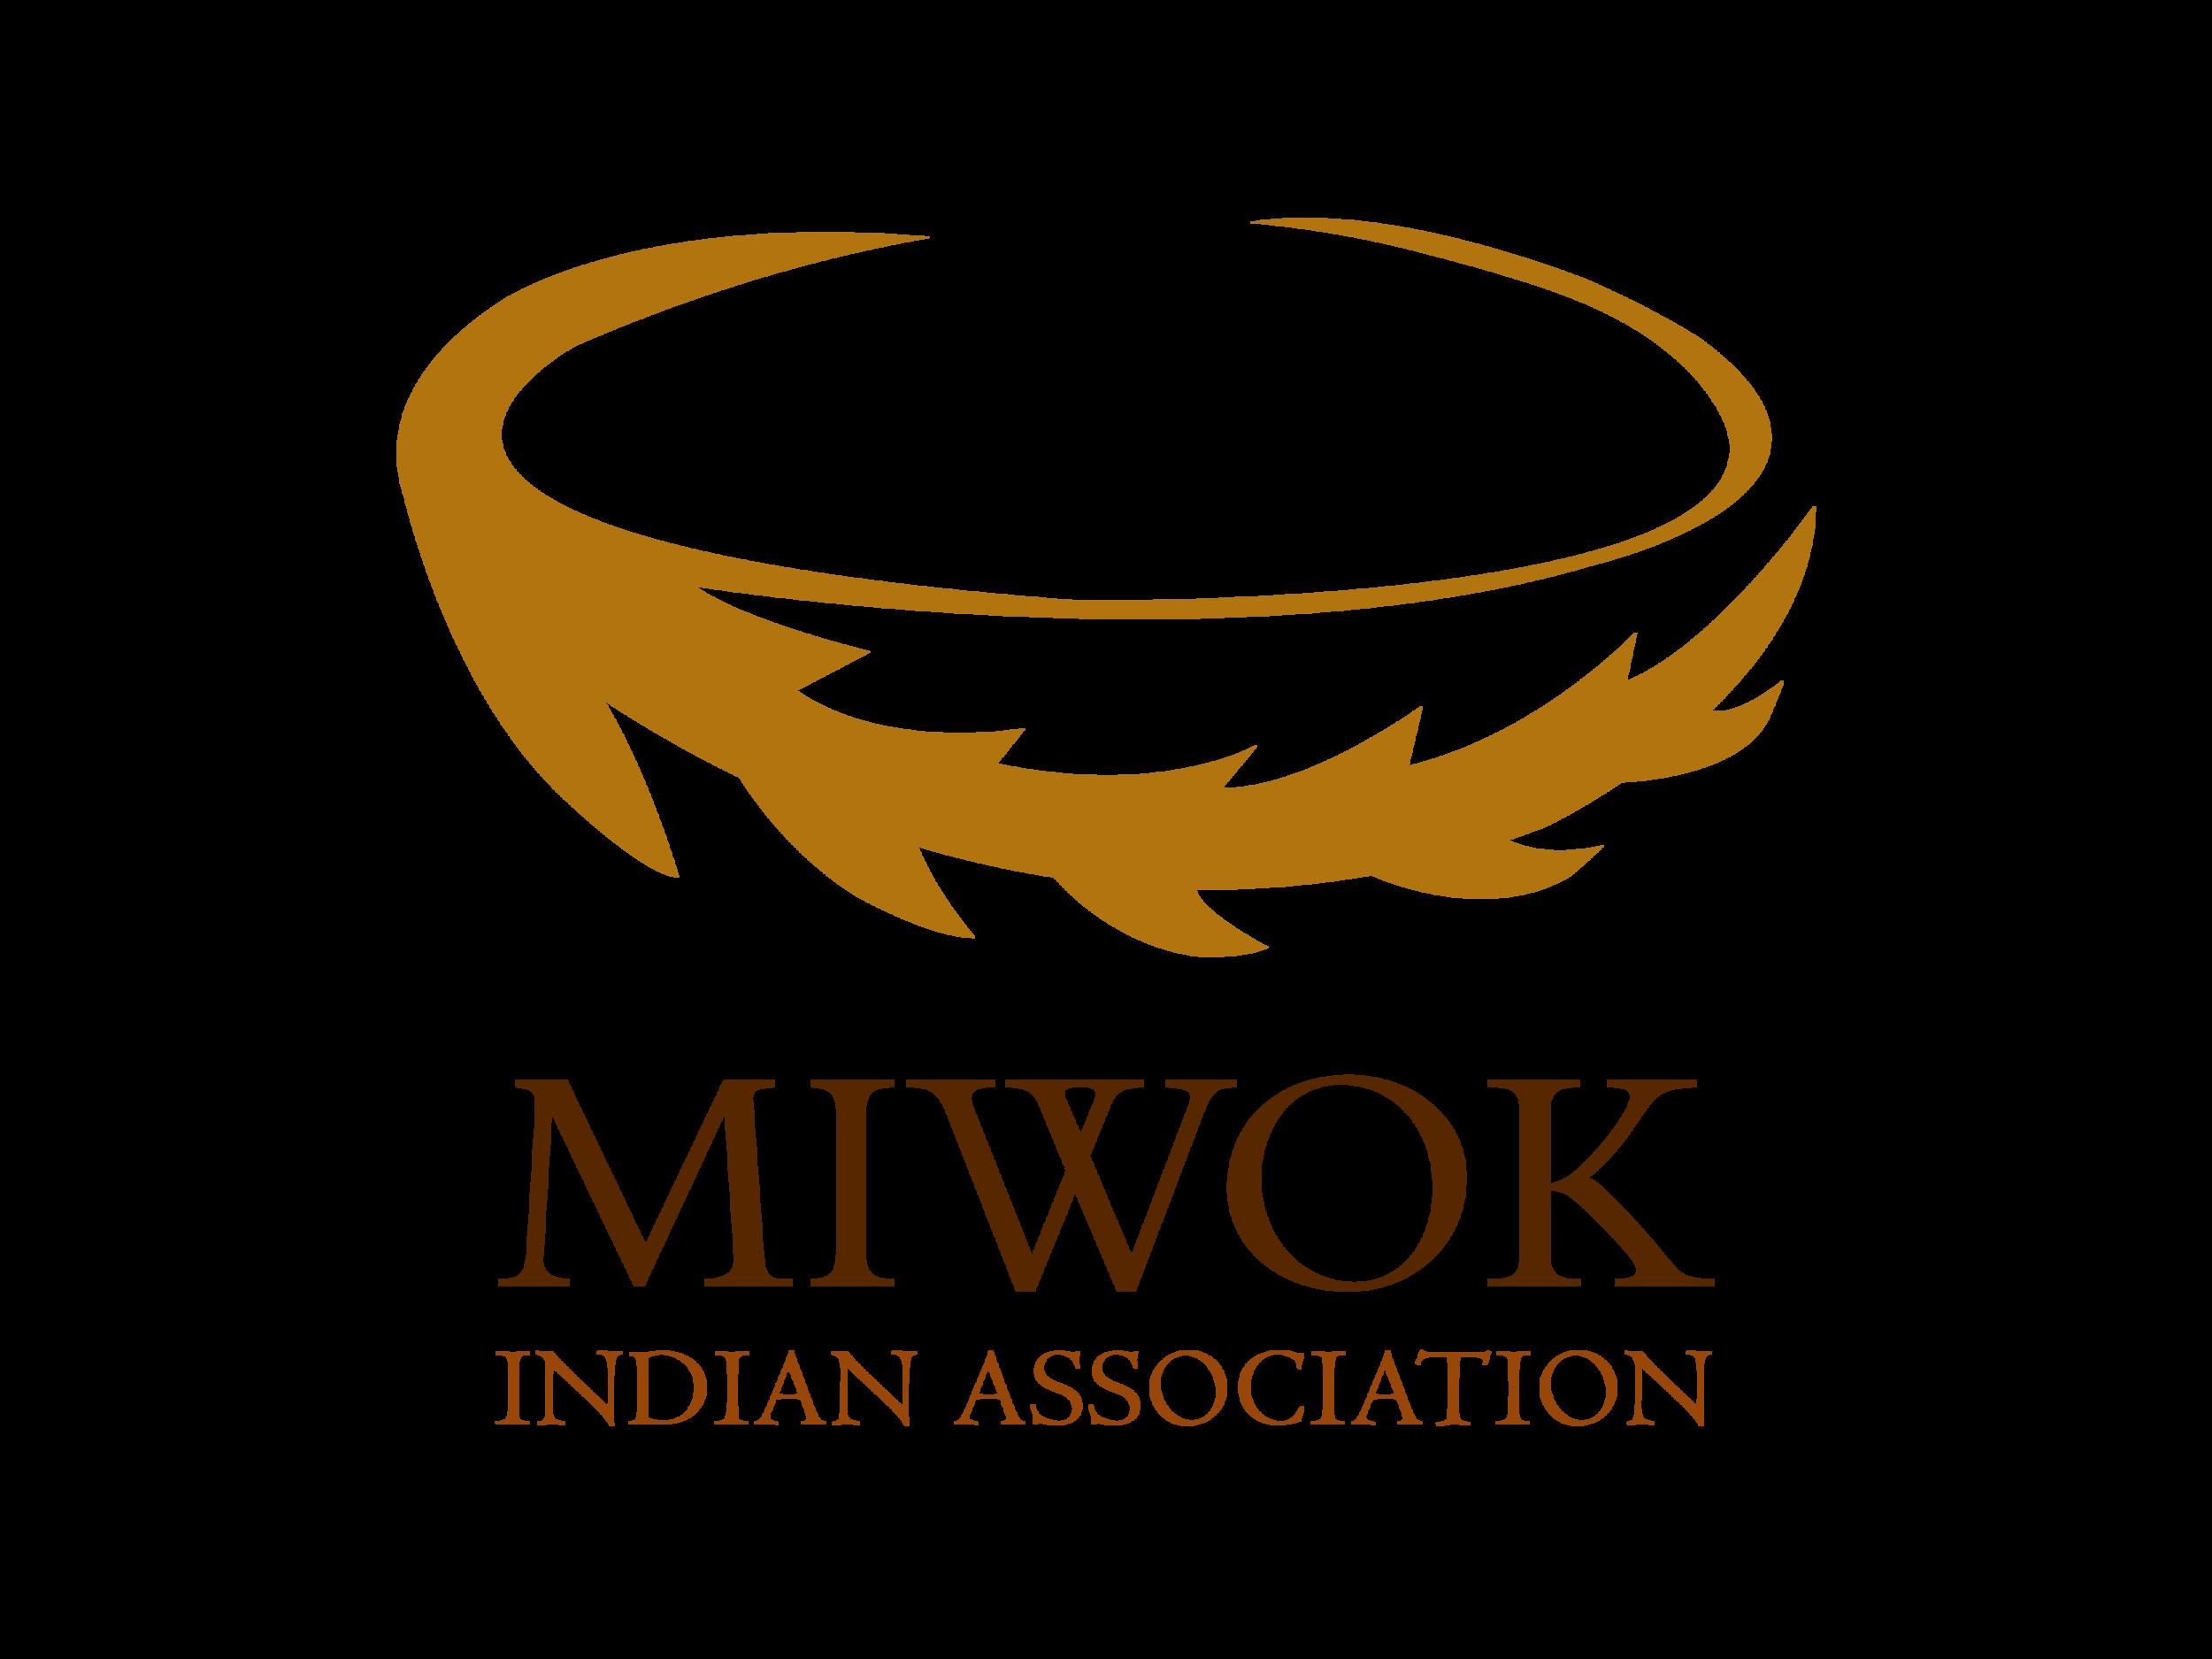 Miwok Indian Association